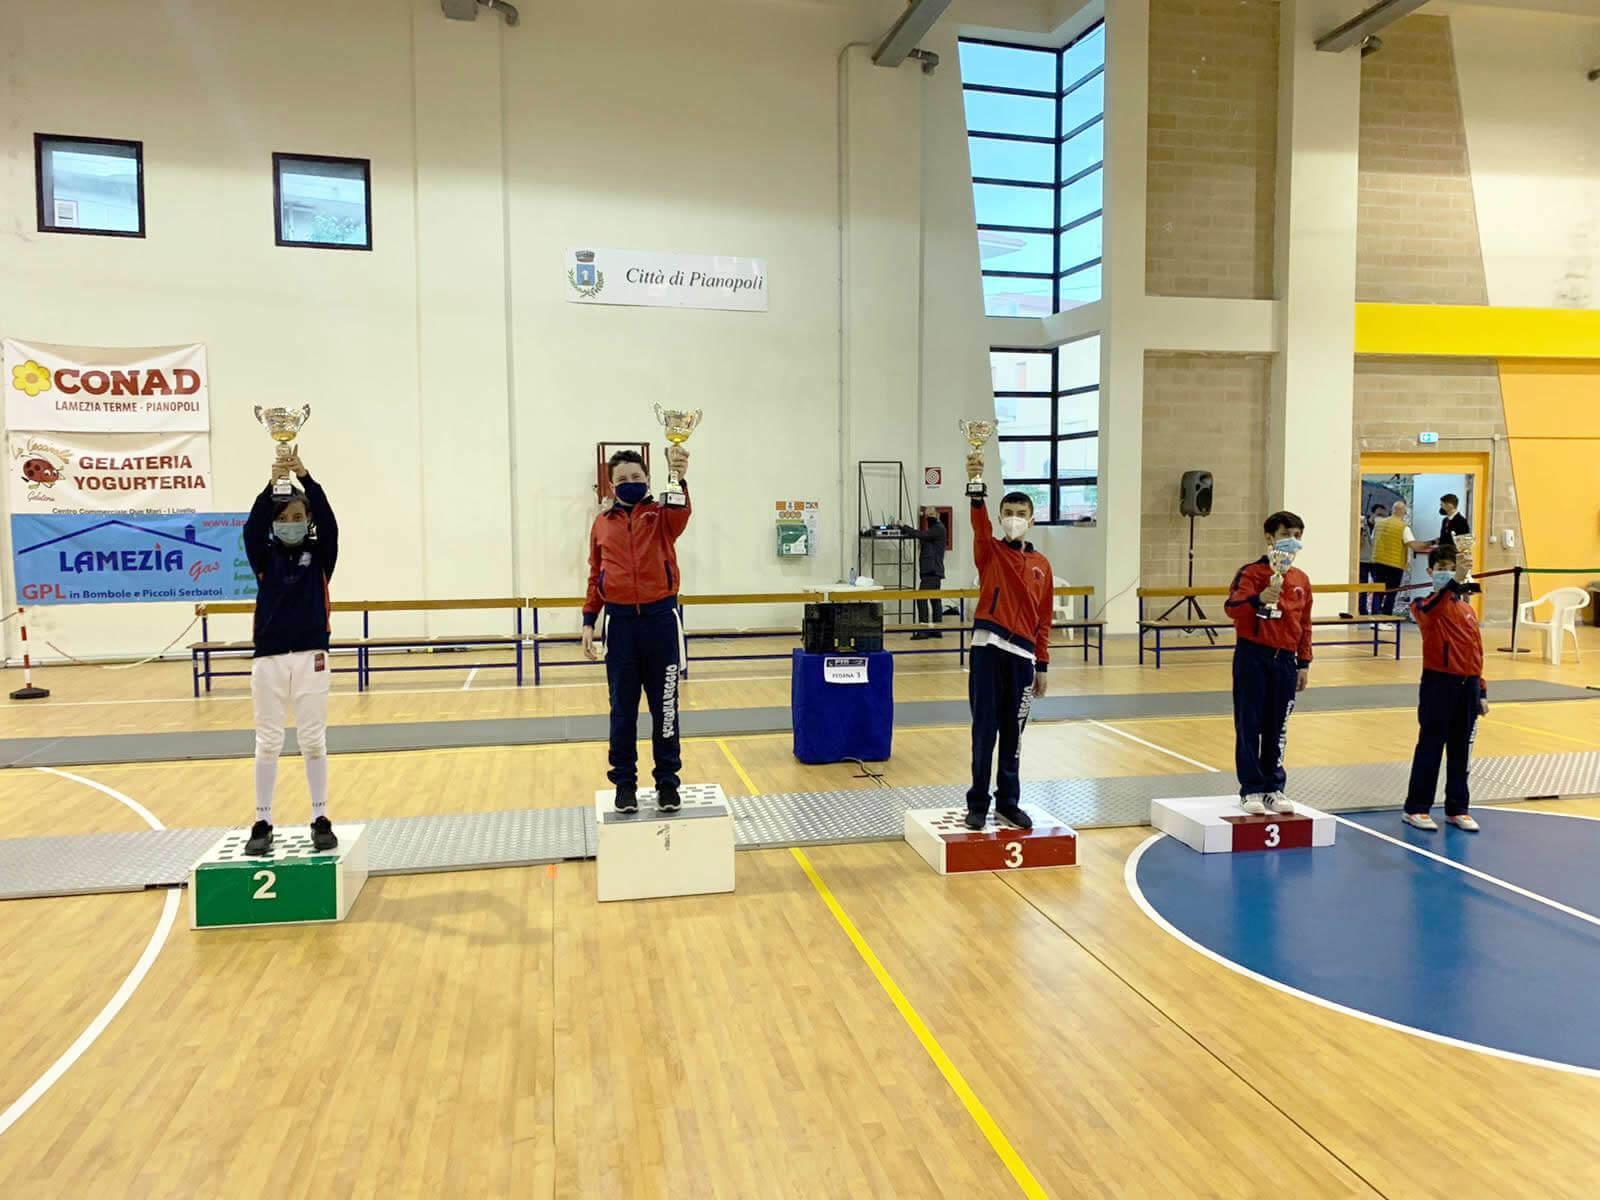 Seconda prova di qualificazione GPG: il podio di spada cat. Giovanissimi